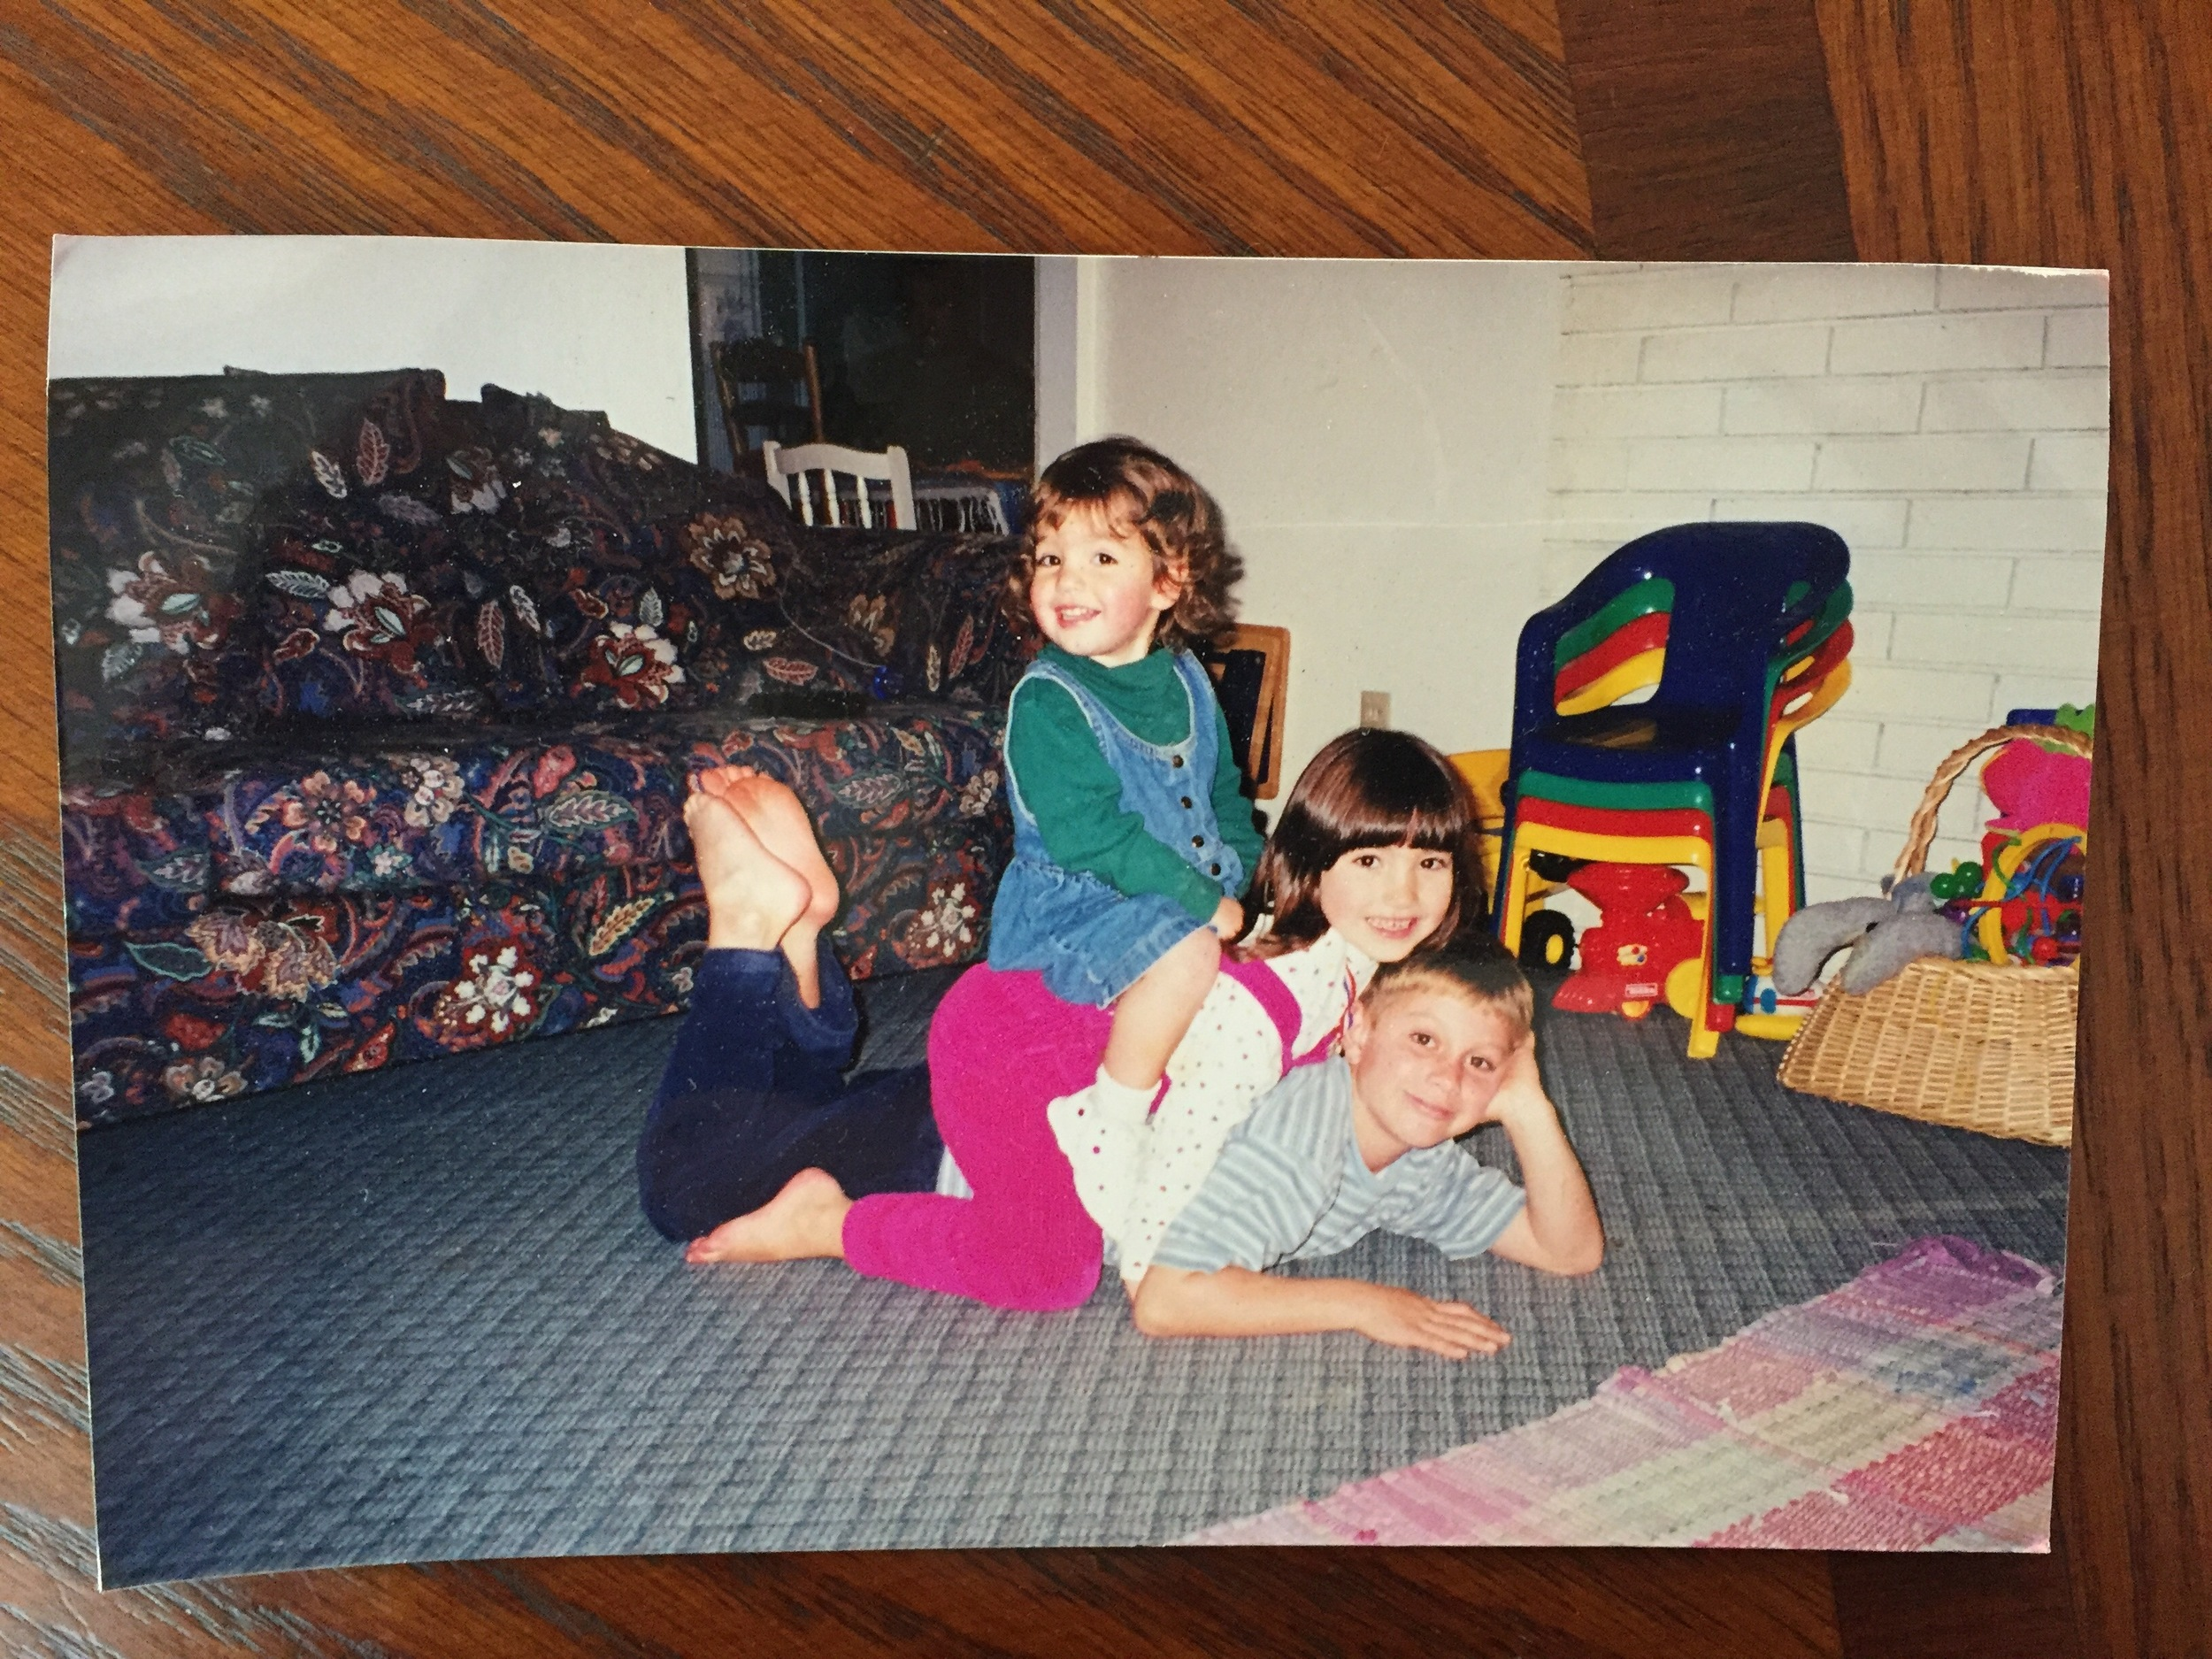 :: My sister, cousin, and I in Juanita, Washington circa 1999 ::